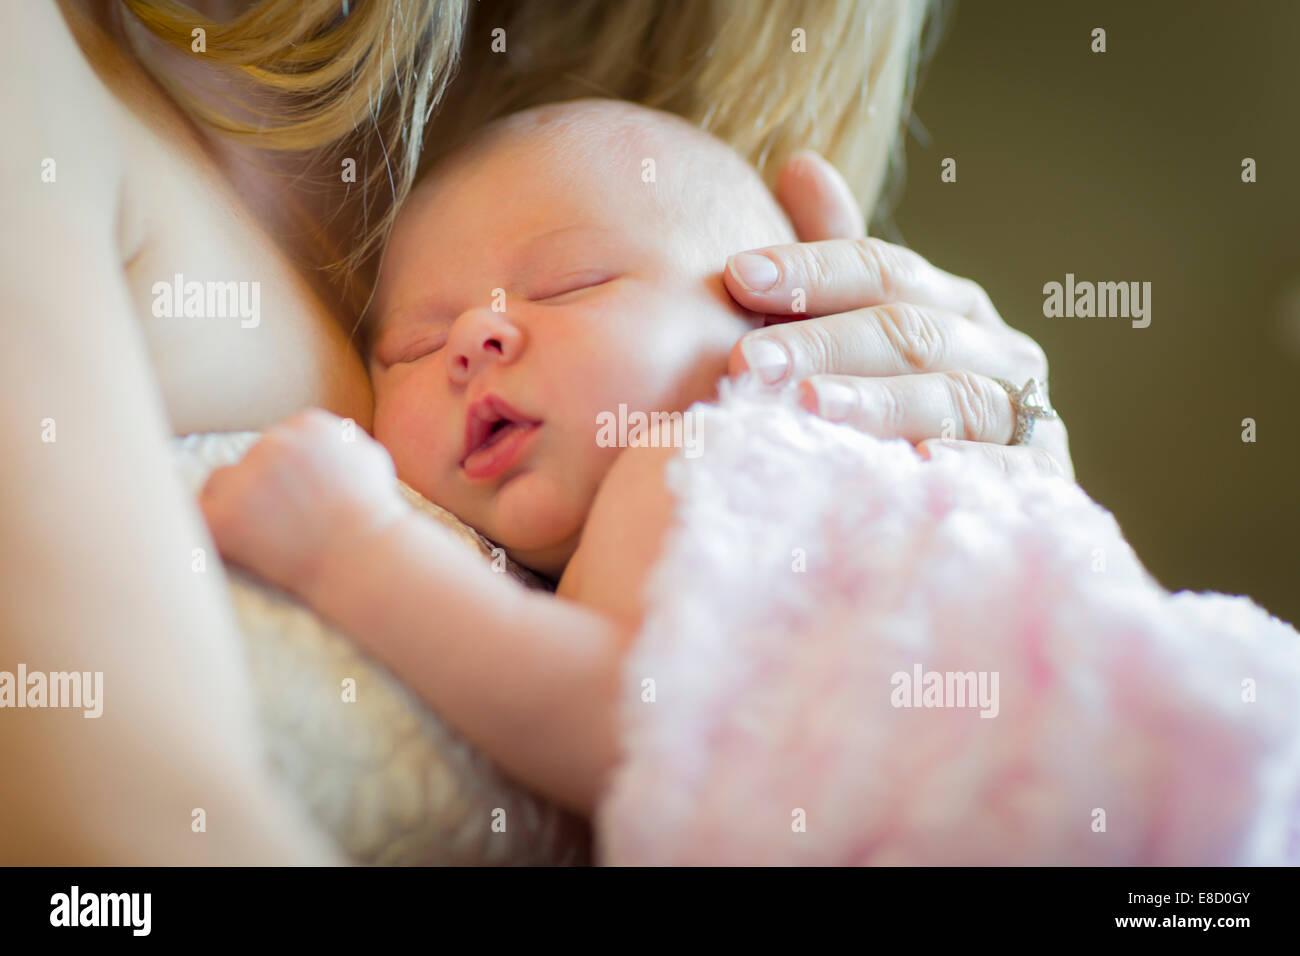 Sanfte Hände der Mutter hält ihr kostbares neugeborenes Baby Girl. Stockbild